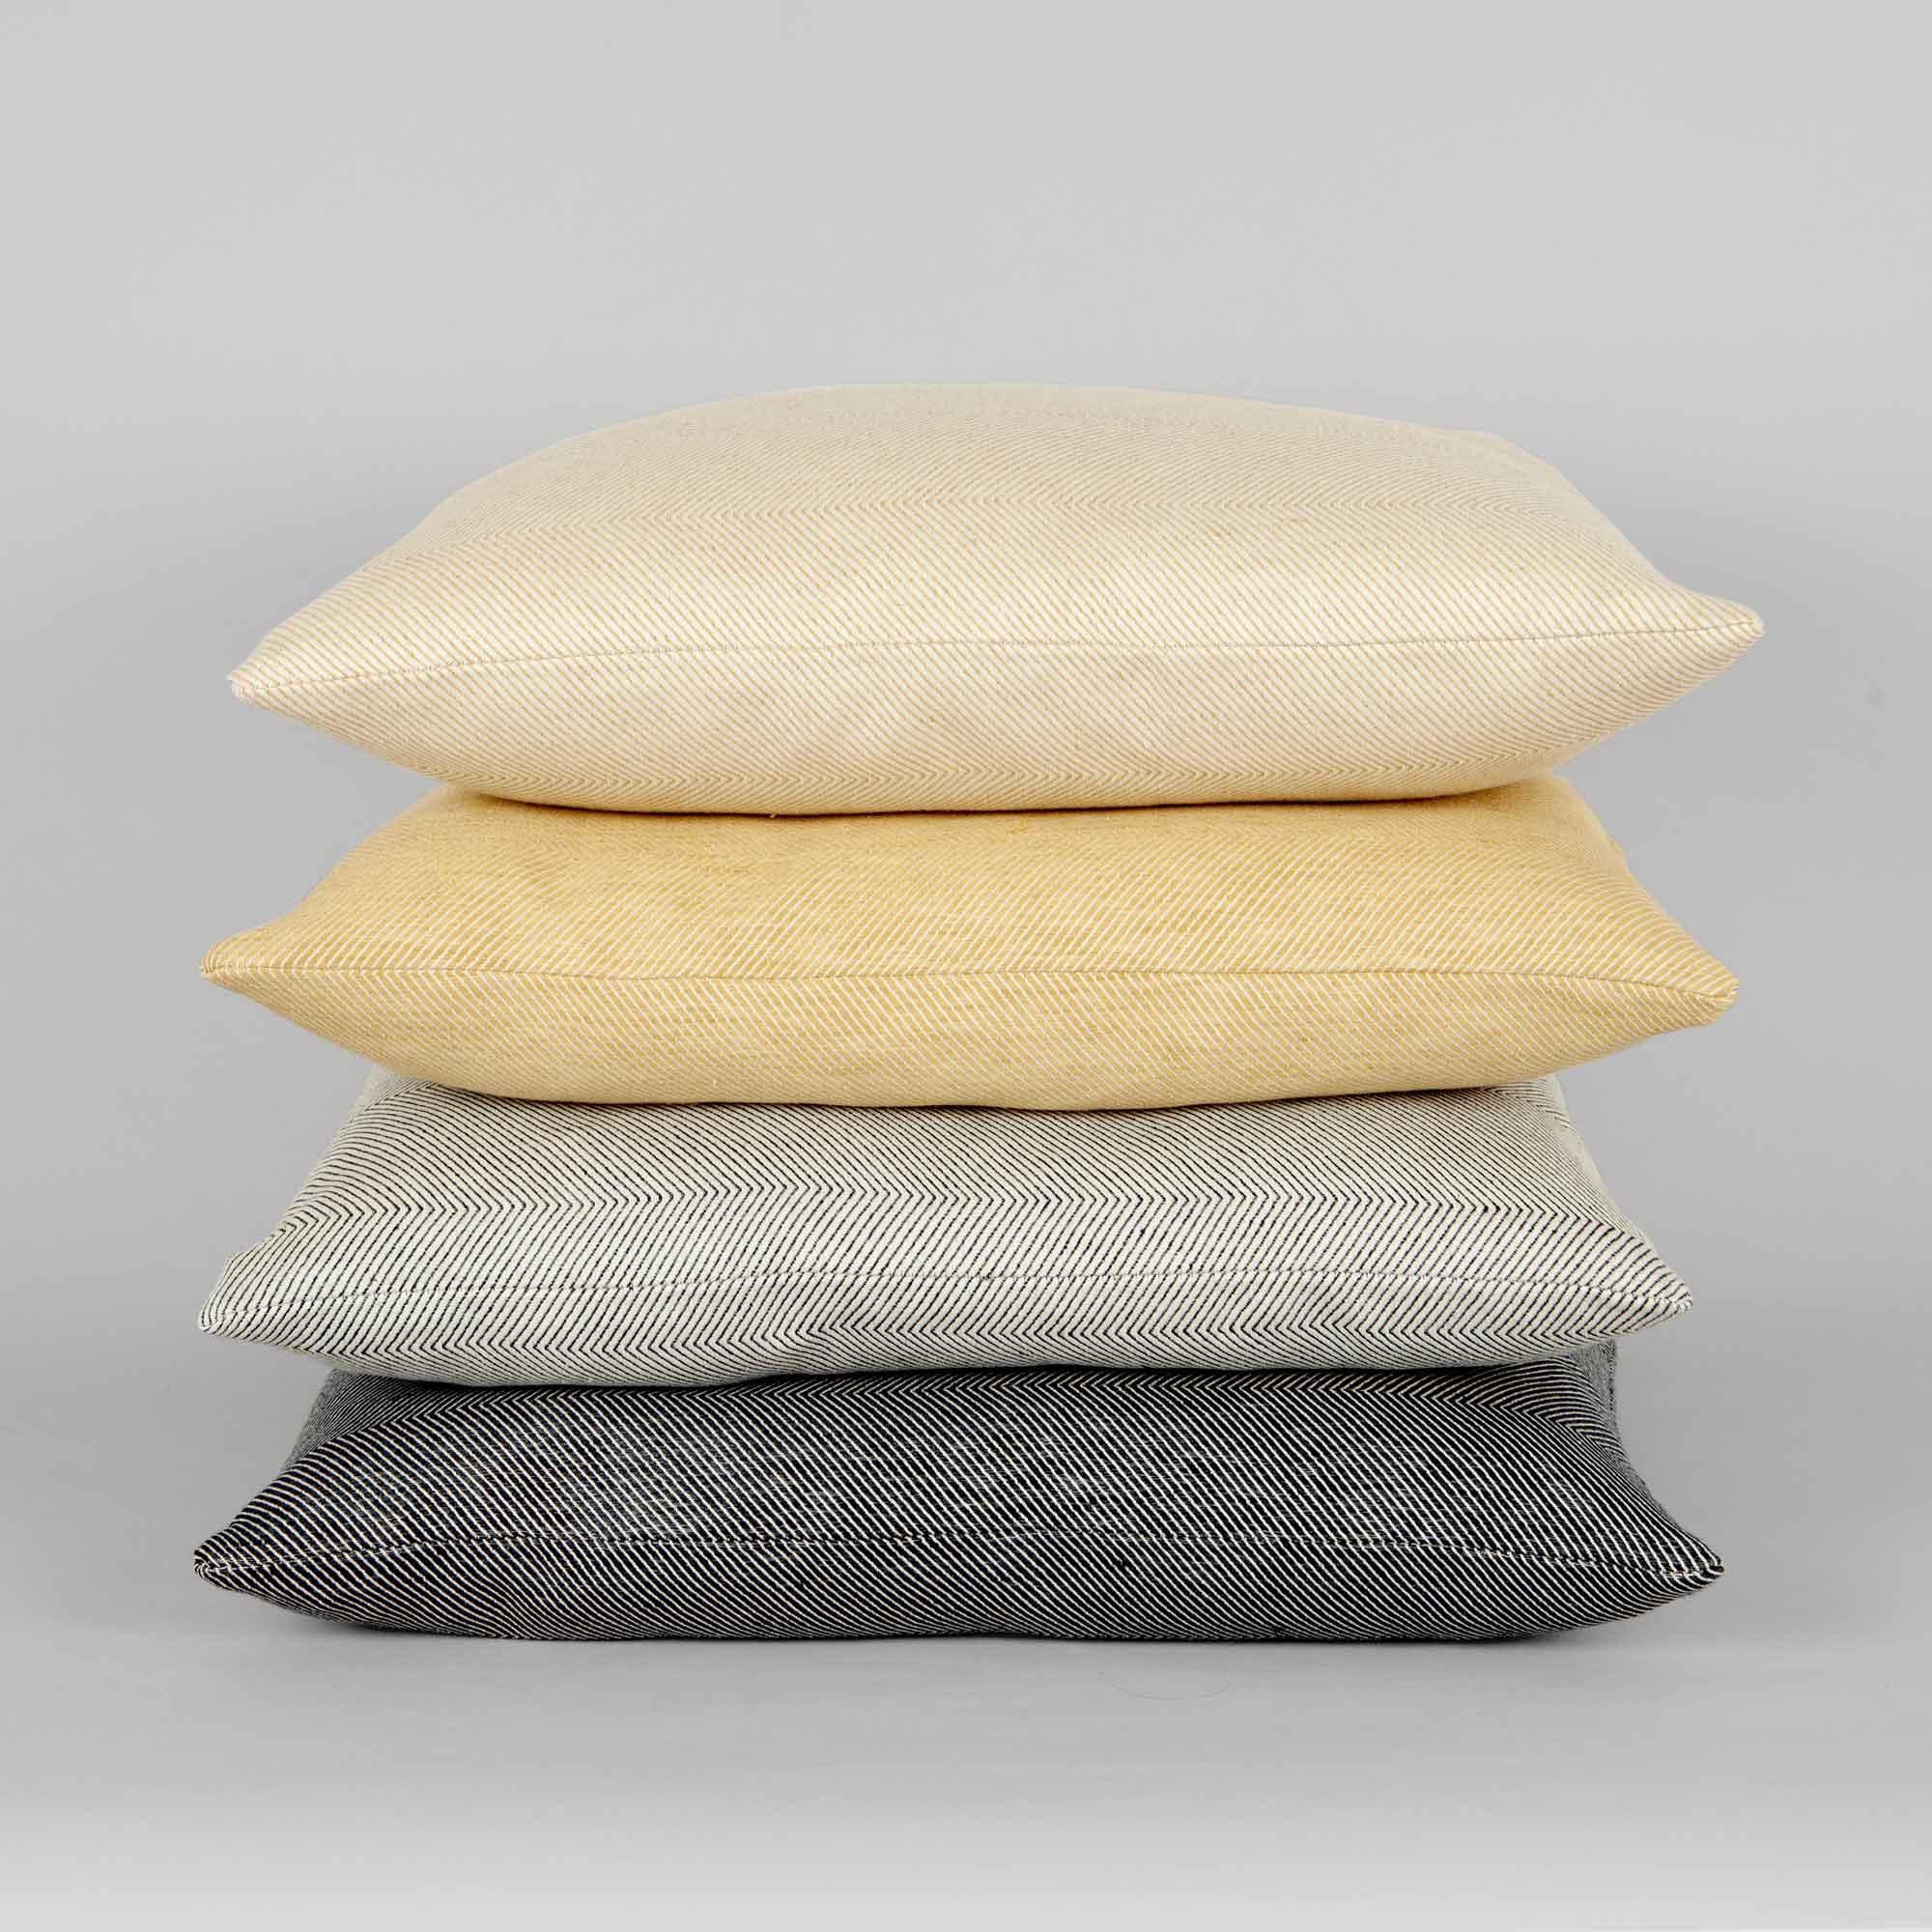 Square cushions in linen/cotton herringbone weave, design by Anne Rosenberg, RosenbergCph